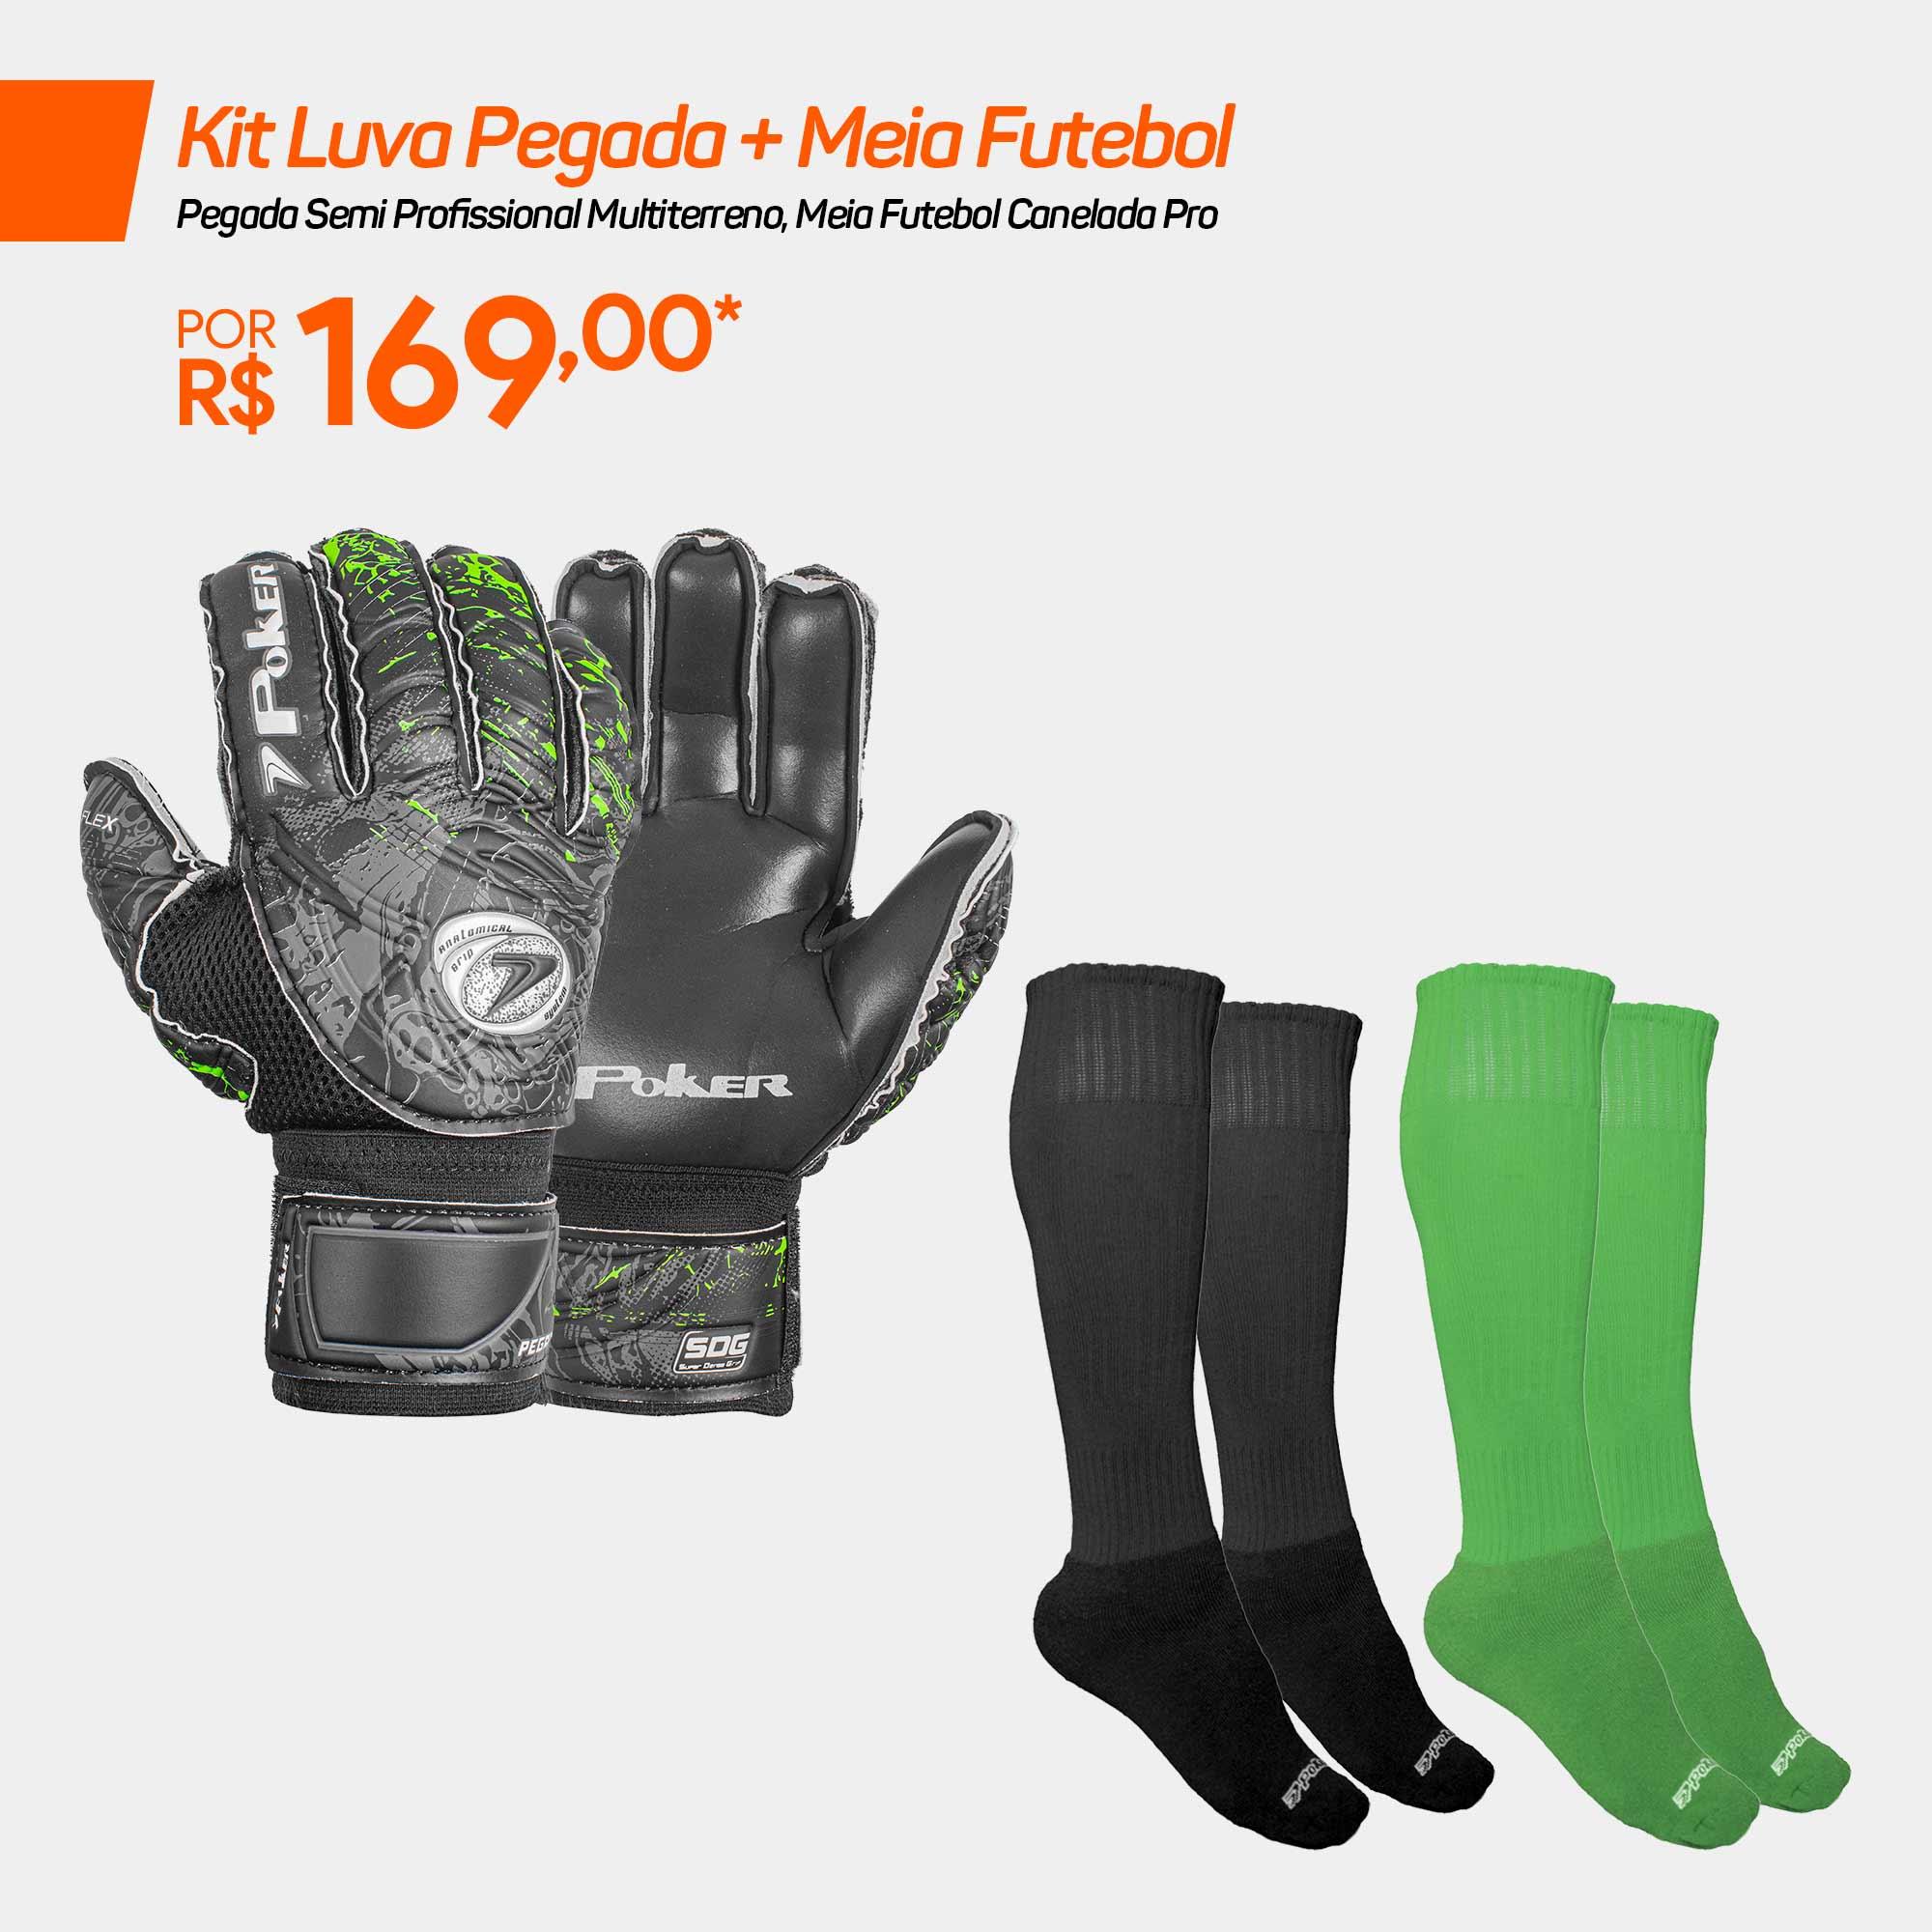 Kit Luva Pegada + Meia Futebol